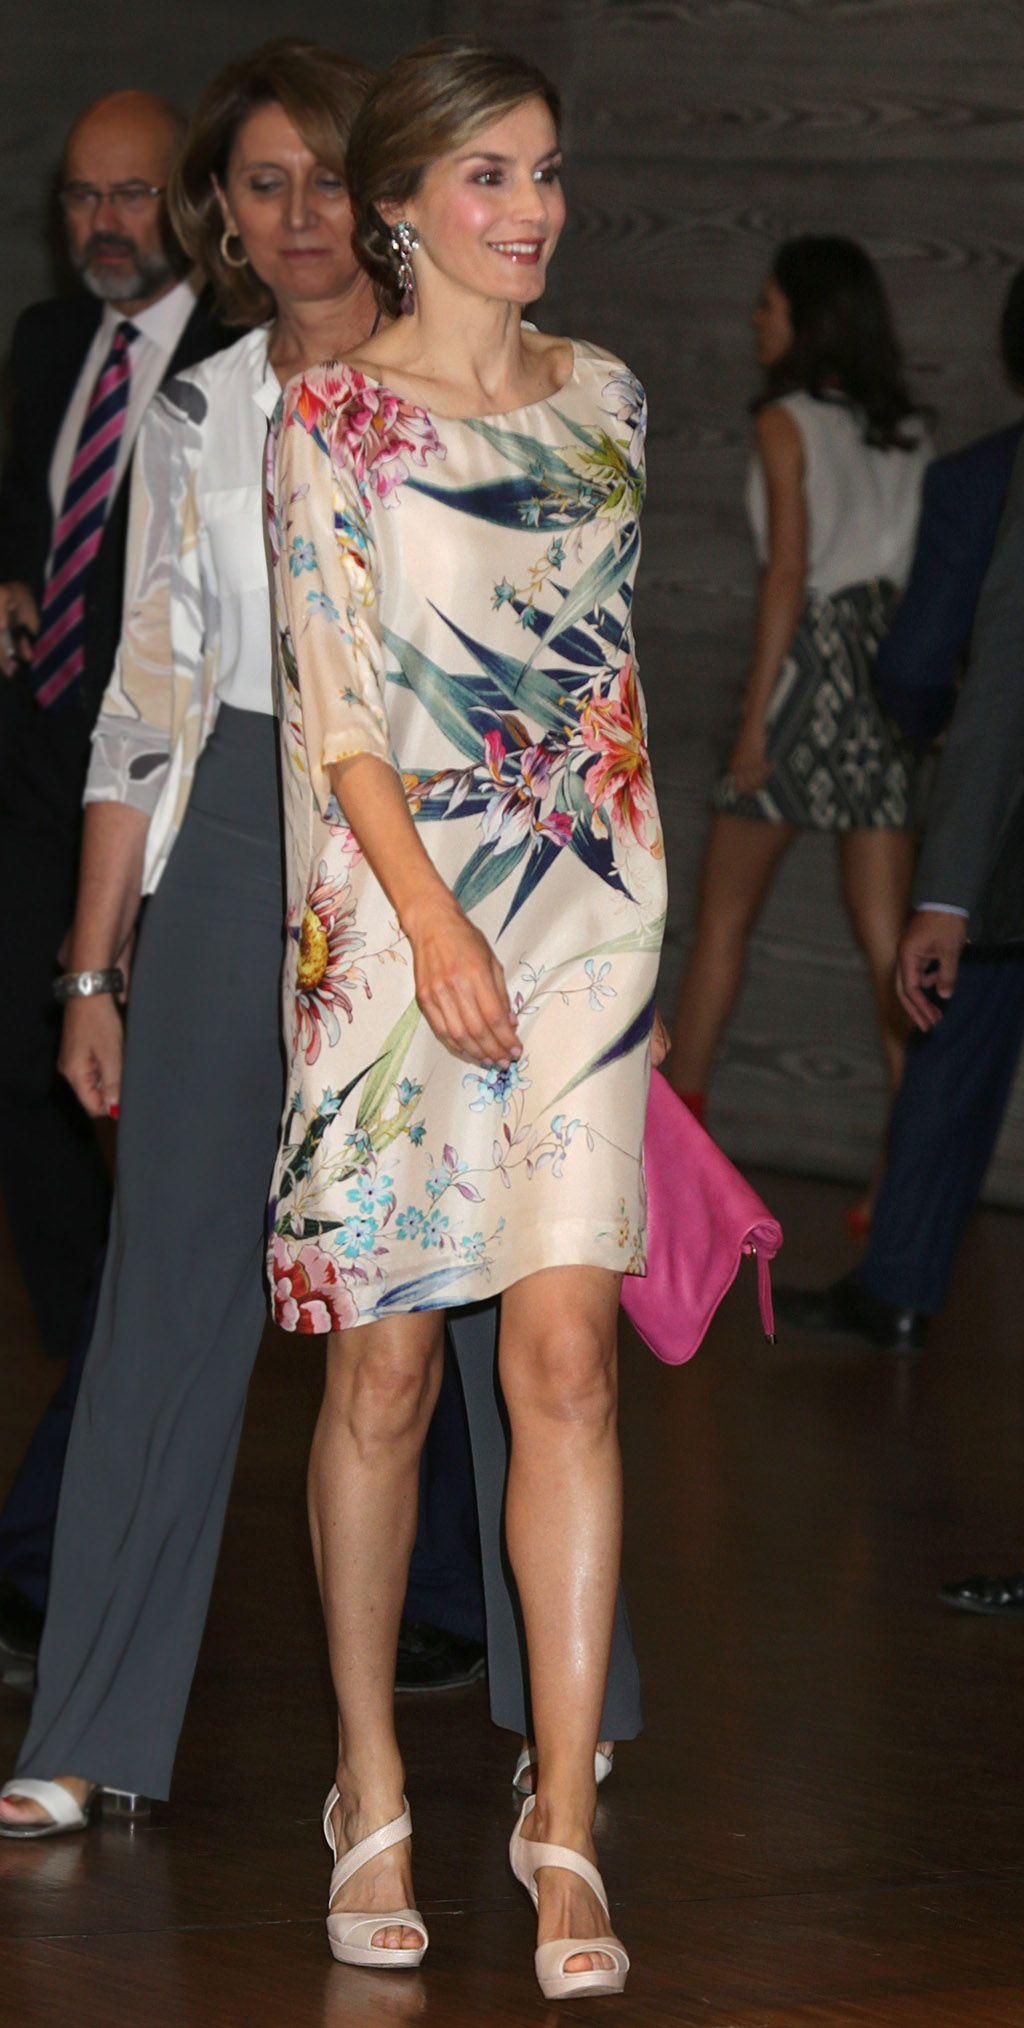 La reina Letizia: Premios Nacionales de la Moda